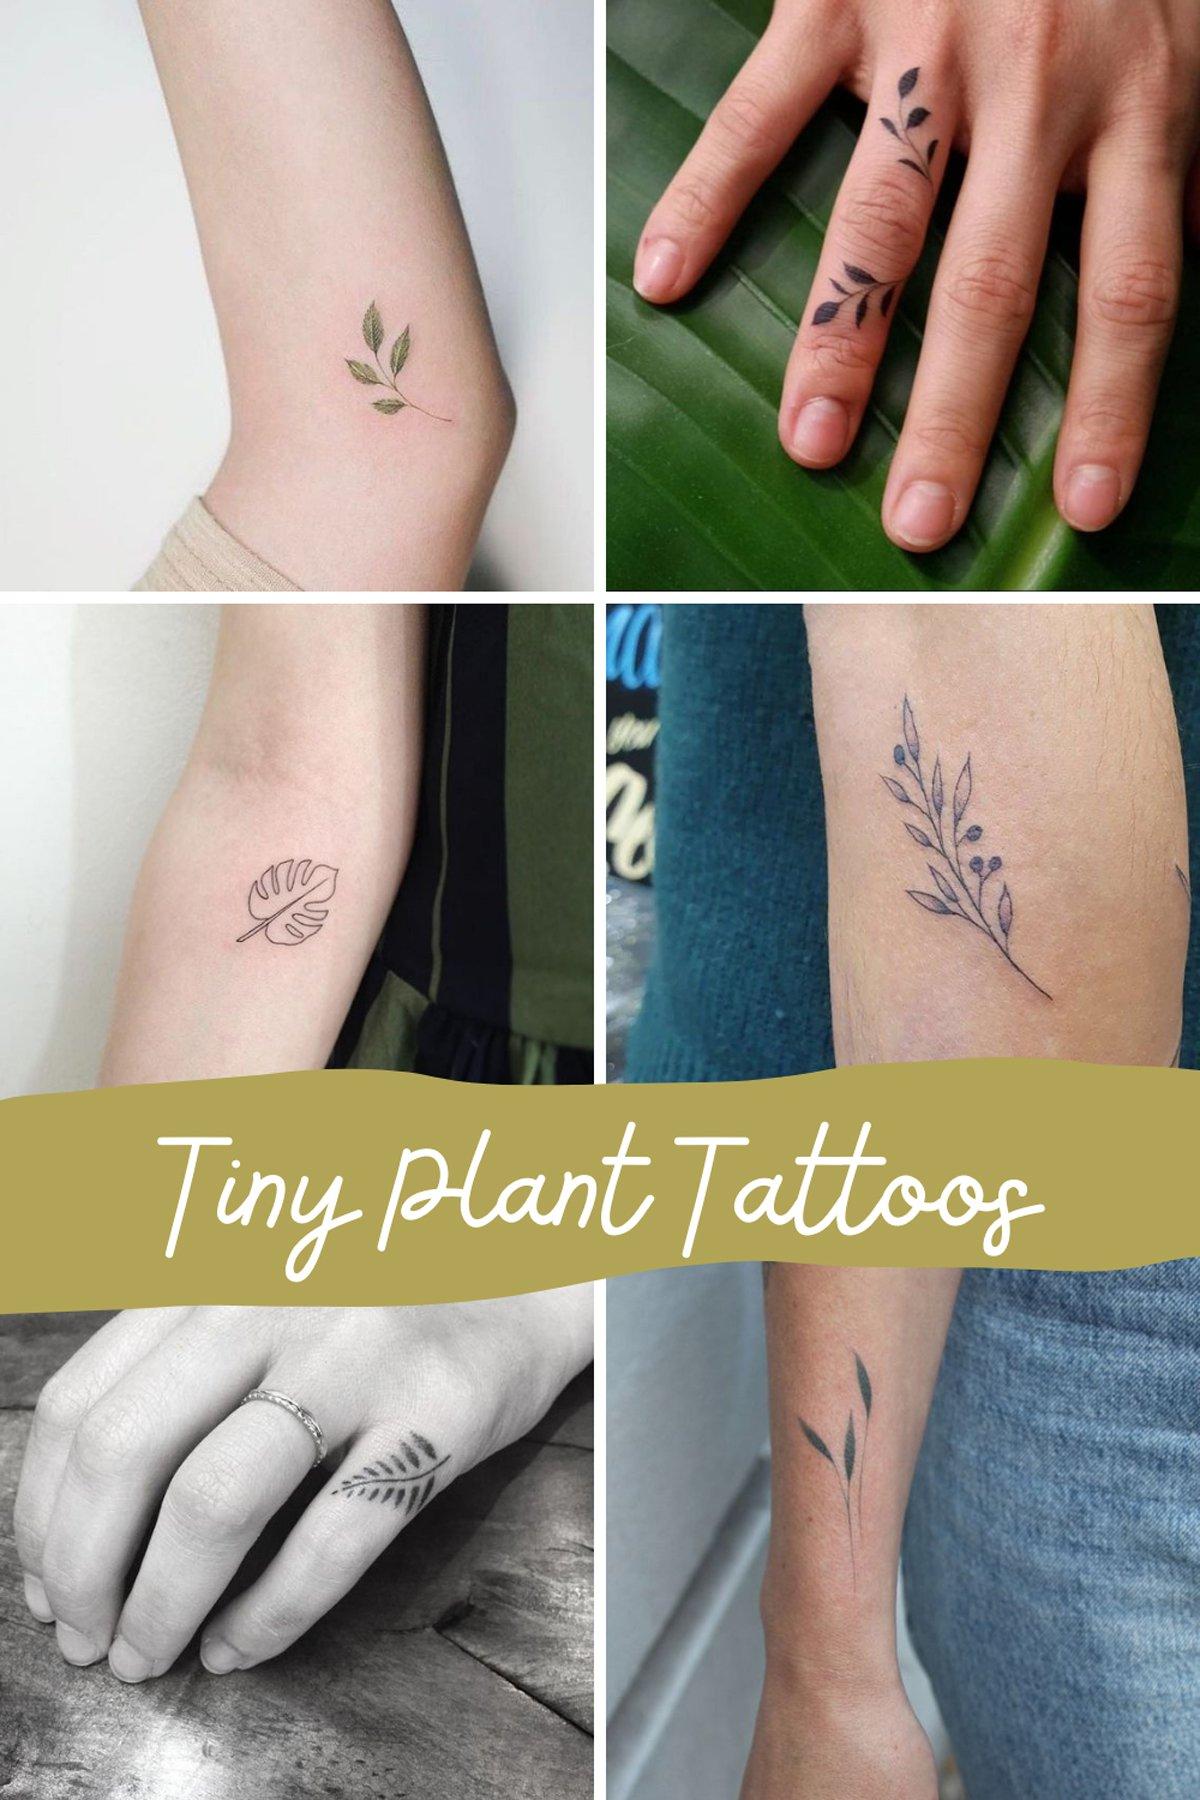 Tiny Plant Tattoo Ideas